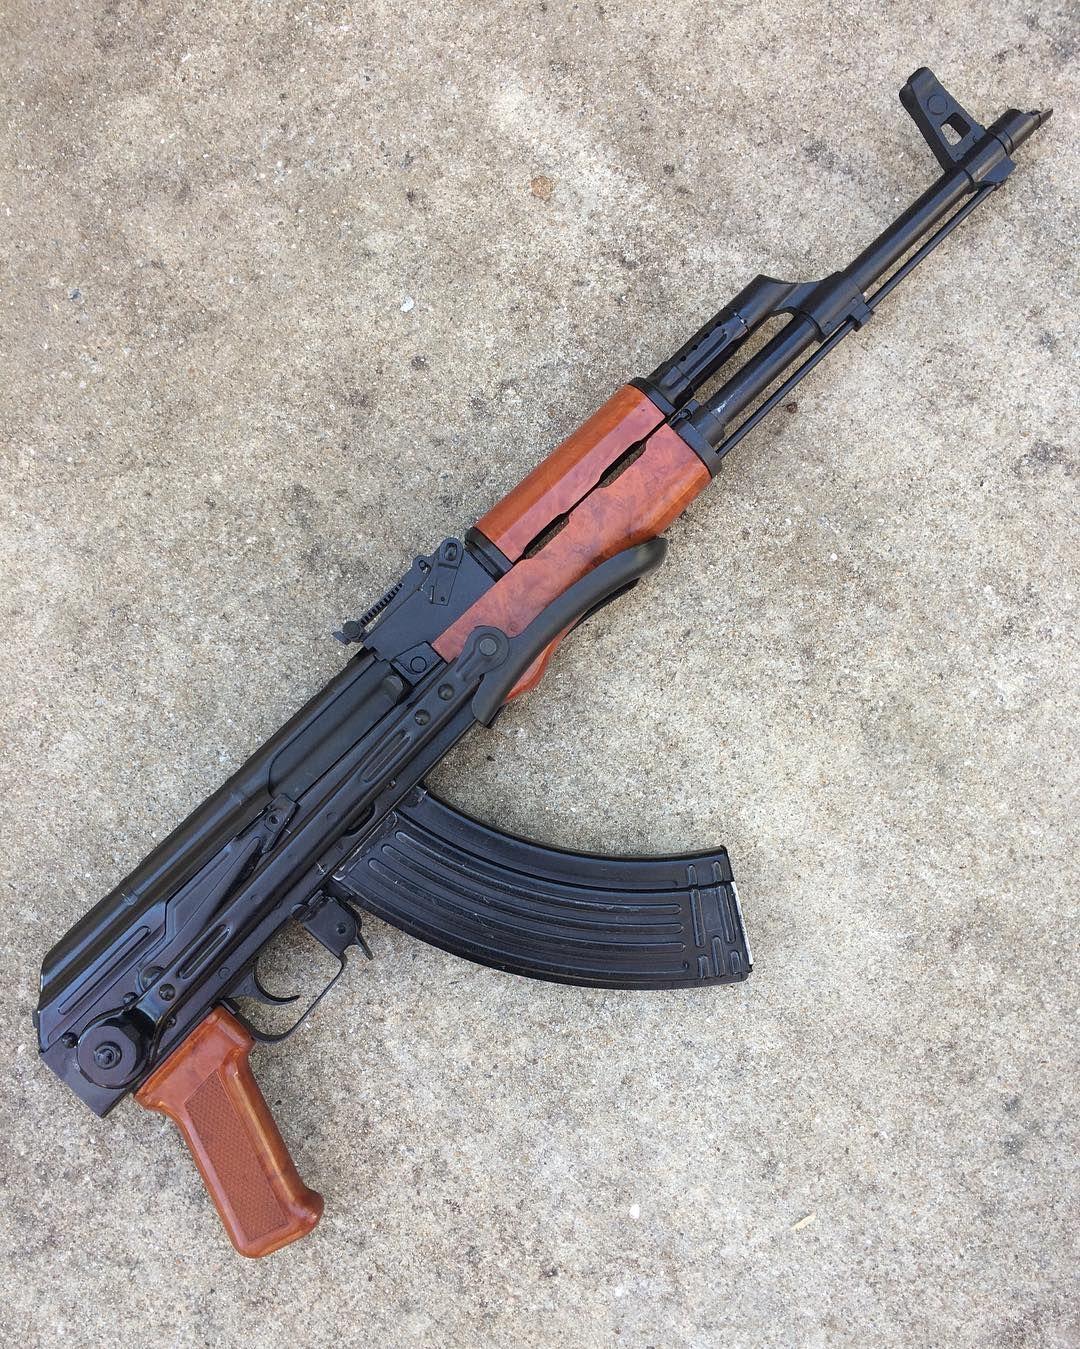 ak47 #akms #762x39 #ak63ds #rifle #gun #bakelite #bulgarian